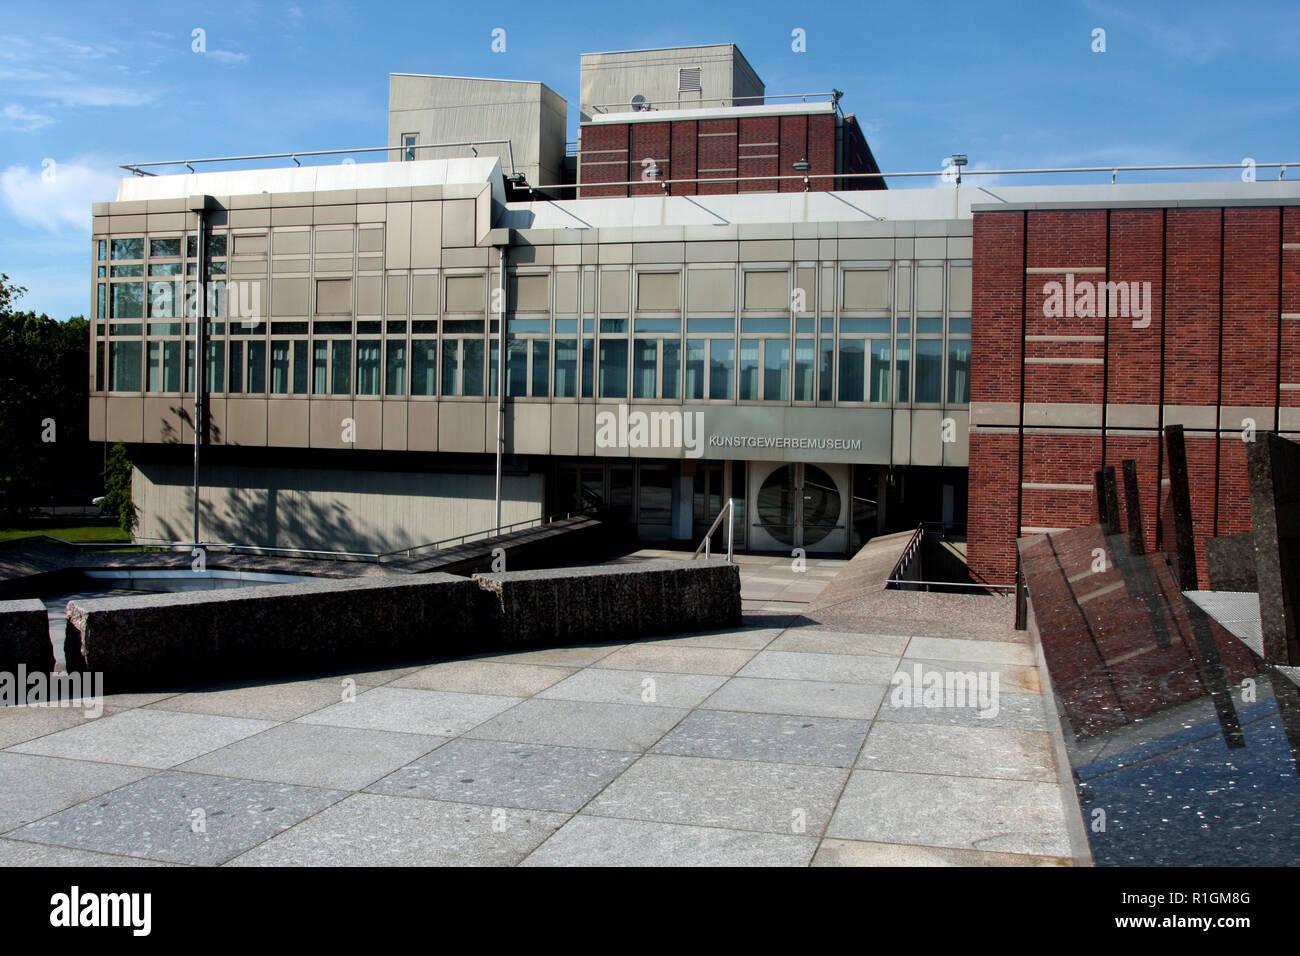 Questo edificio è il Kunstgewerbemuseum nel Kulturforum zona di Berlino. Tradotto significa - Il Museo di Arti Decorative e fa parte di una delle arti e della cultura complessa in Berlino, Germania. Immagini Stock